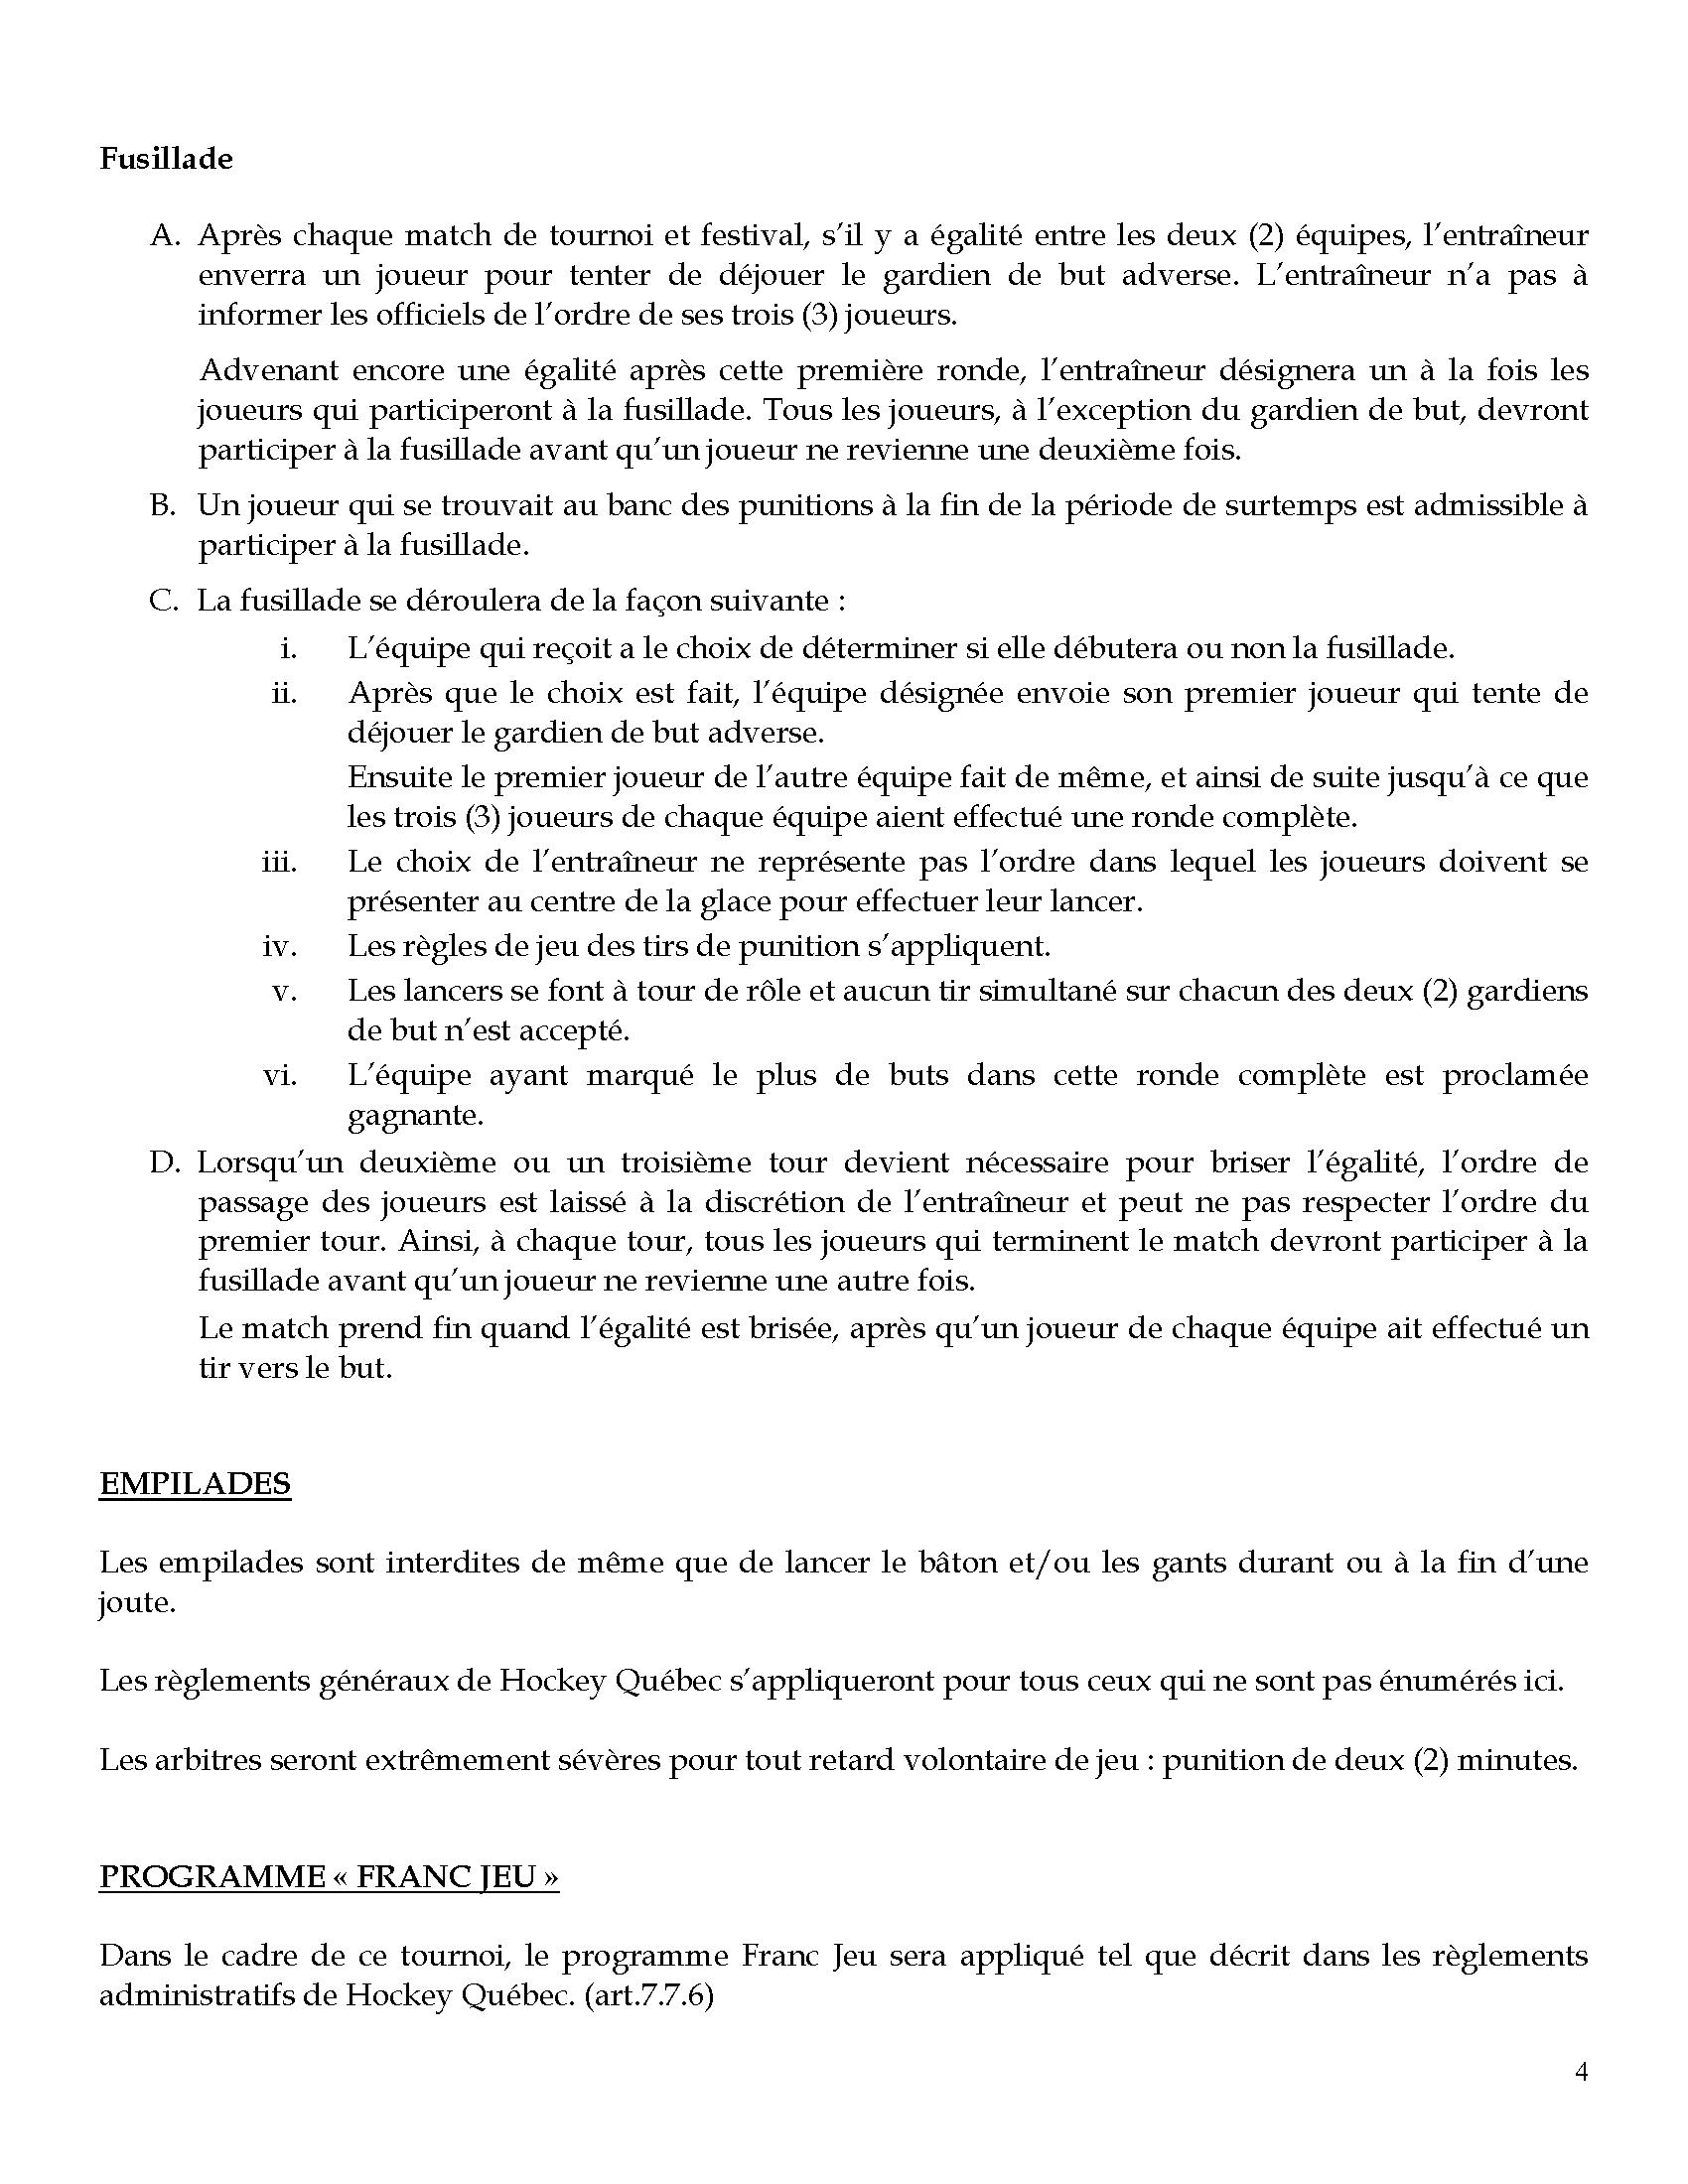 Reglements_Richelieu_2020_Page_4.png